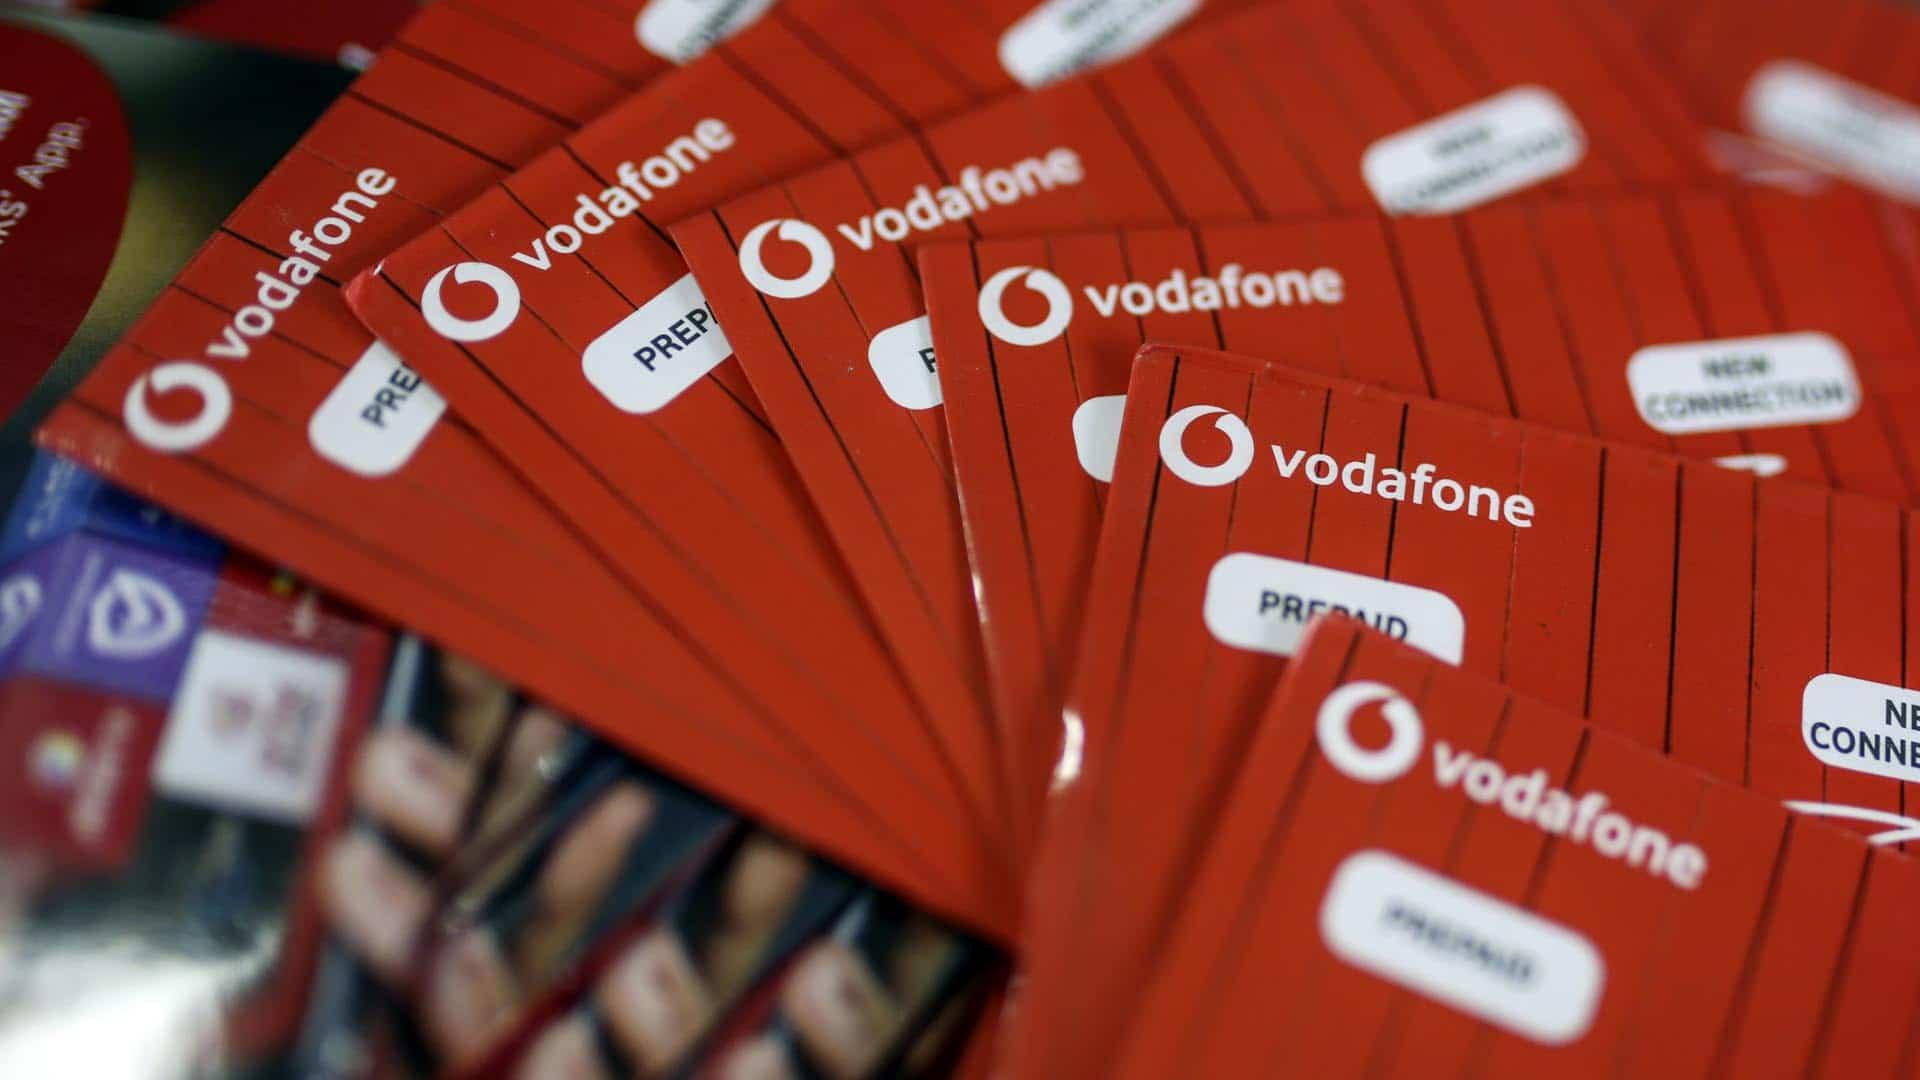 Vodafone regala Giga illimitati per un mese. Ma come funziona? thumbnail